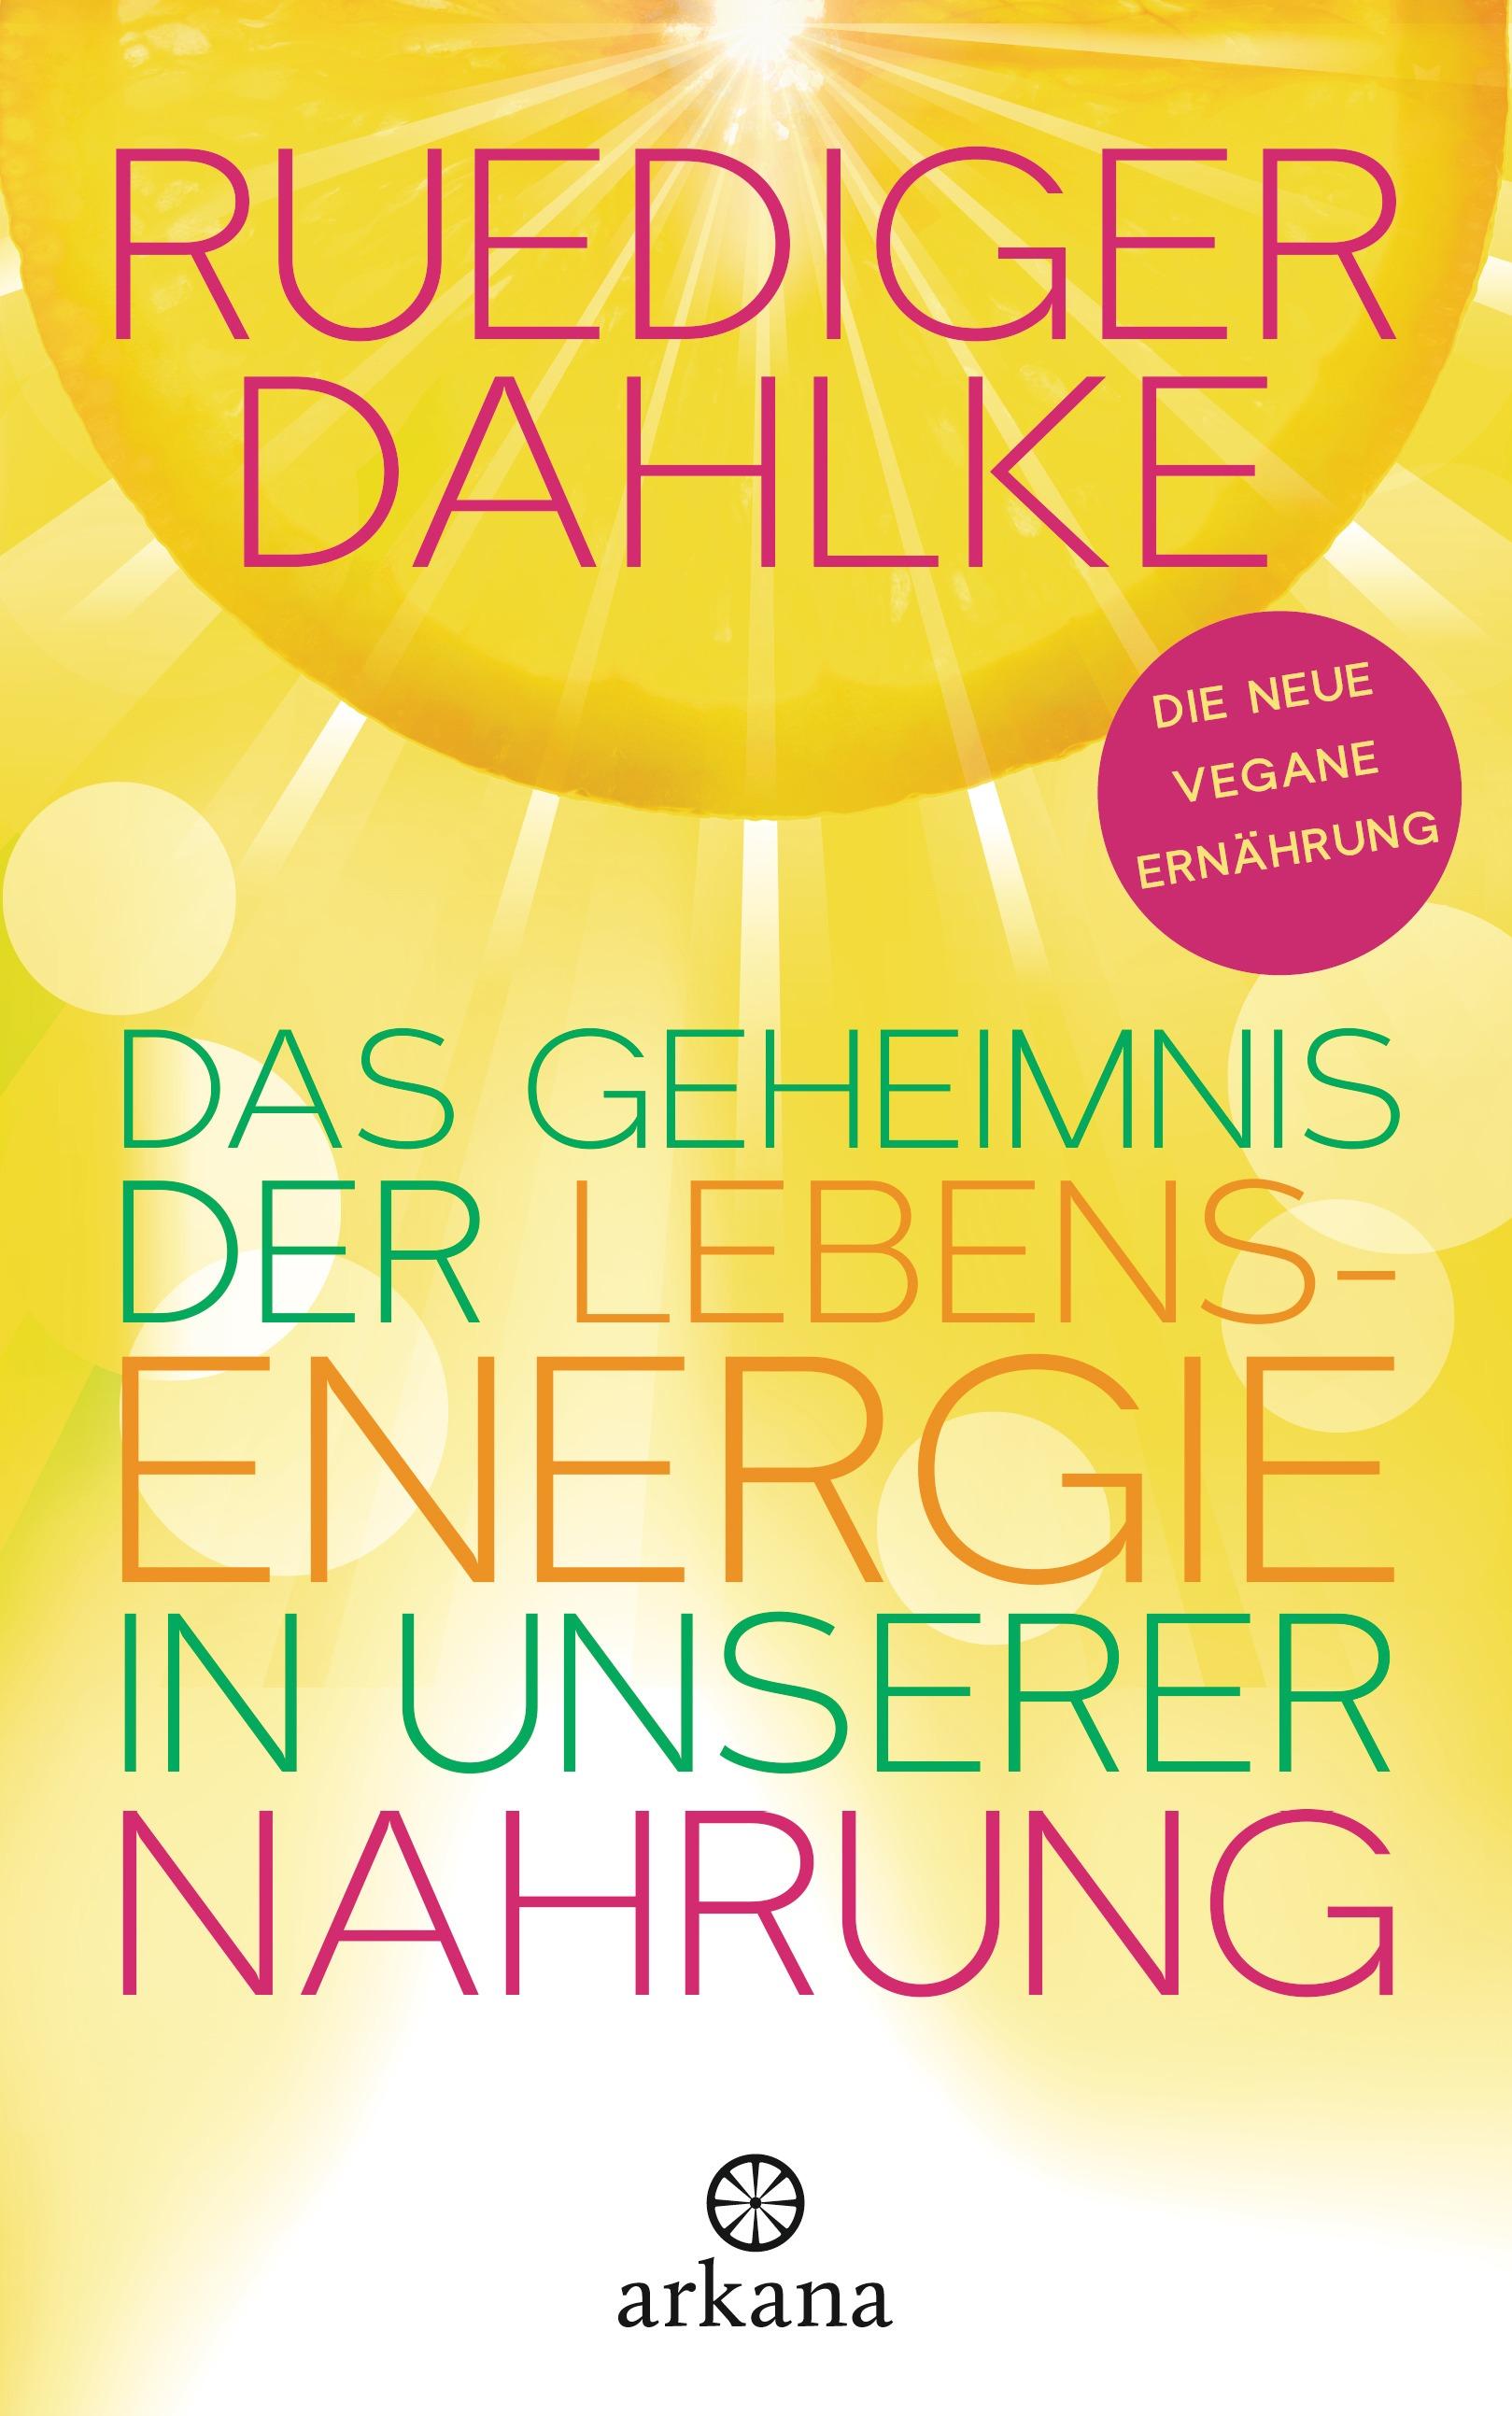 Das Geheimnis der Lebensenergie in unserer Nahrung: Die neue vegane Ernährung - Ruediger Dahlke